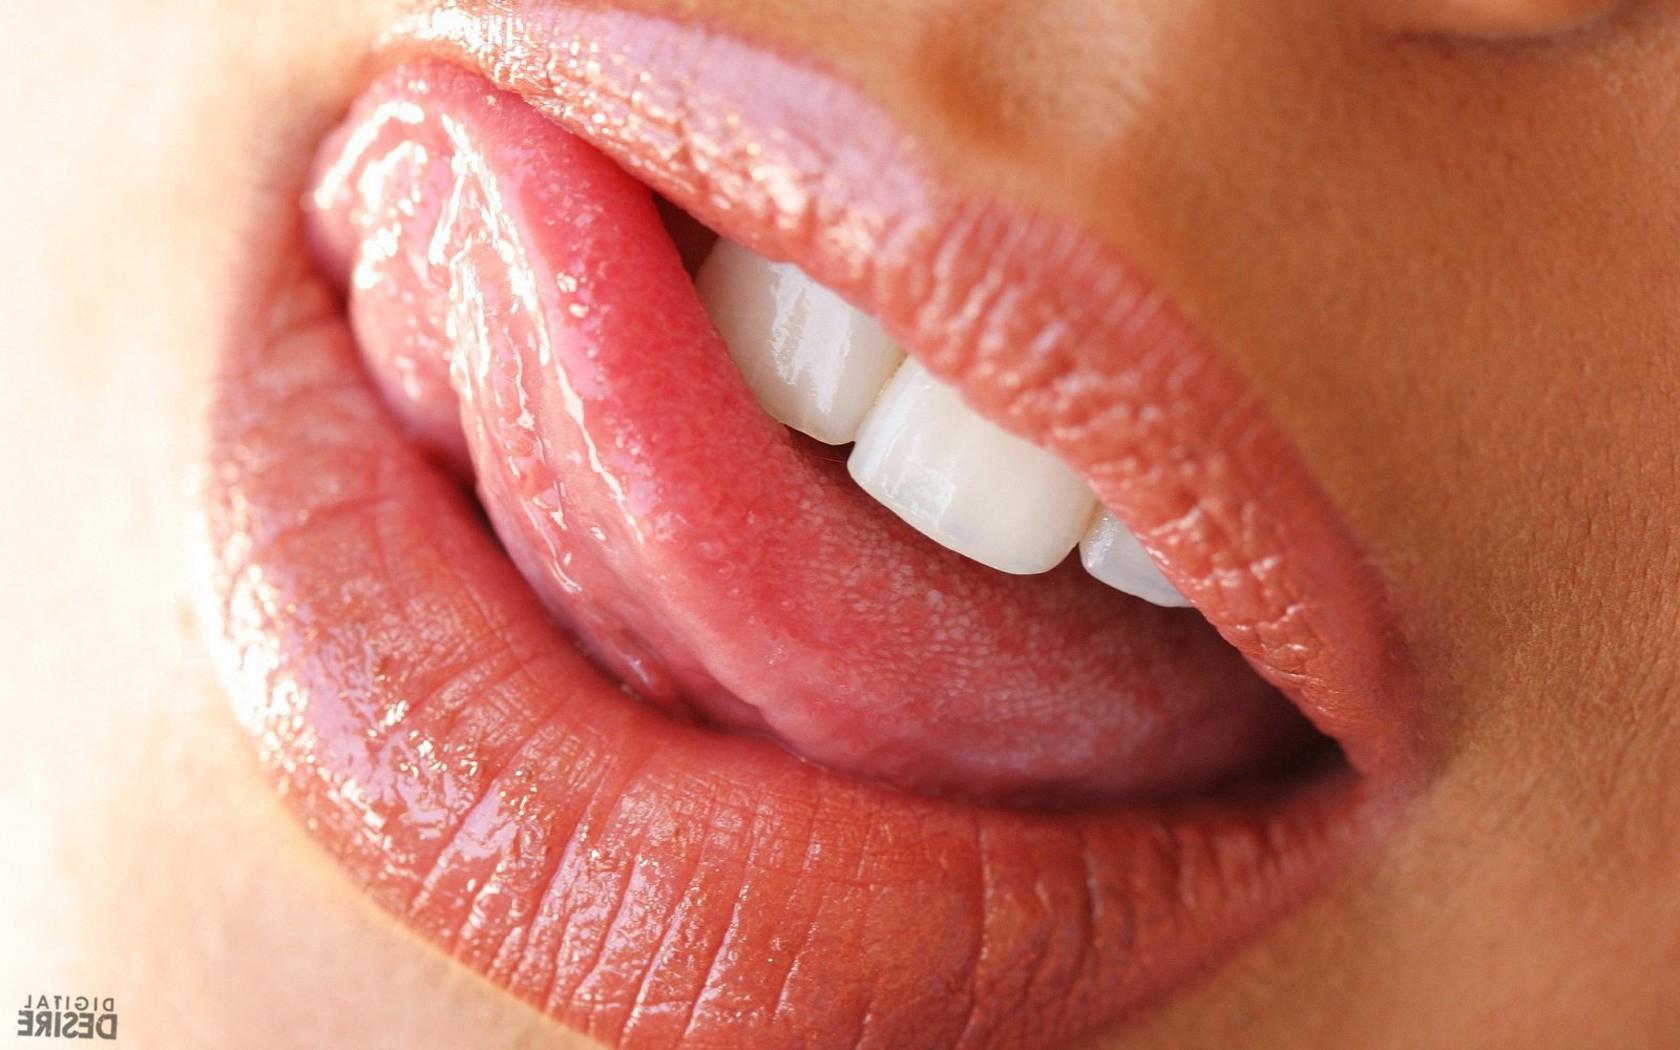 Фото когда девушка делает губы